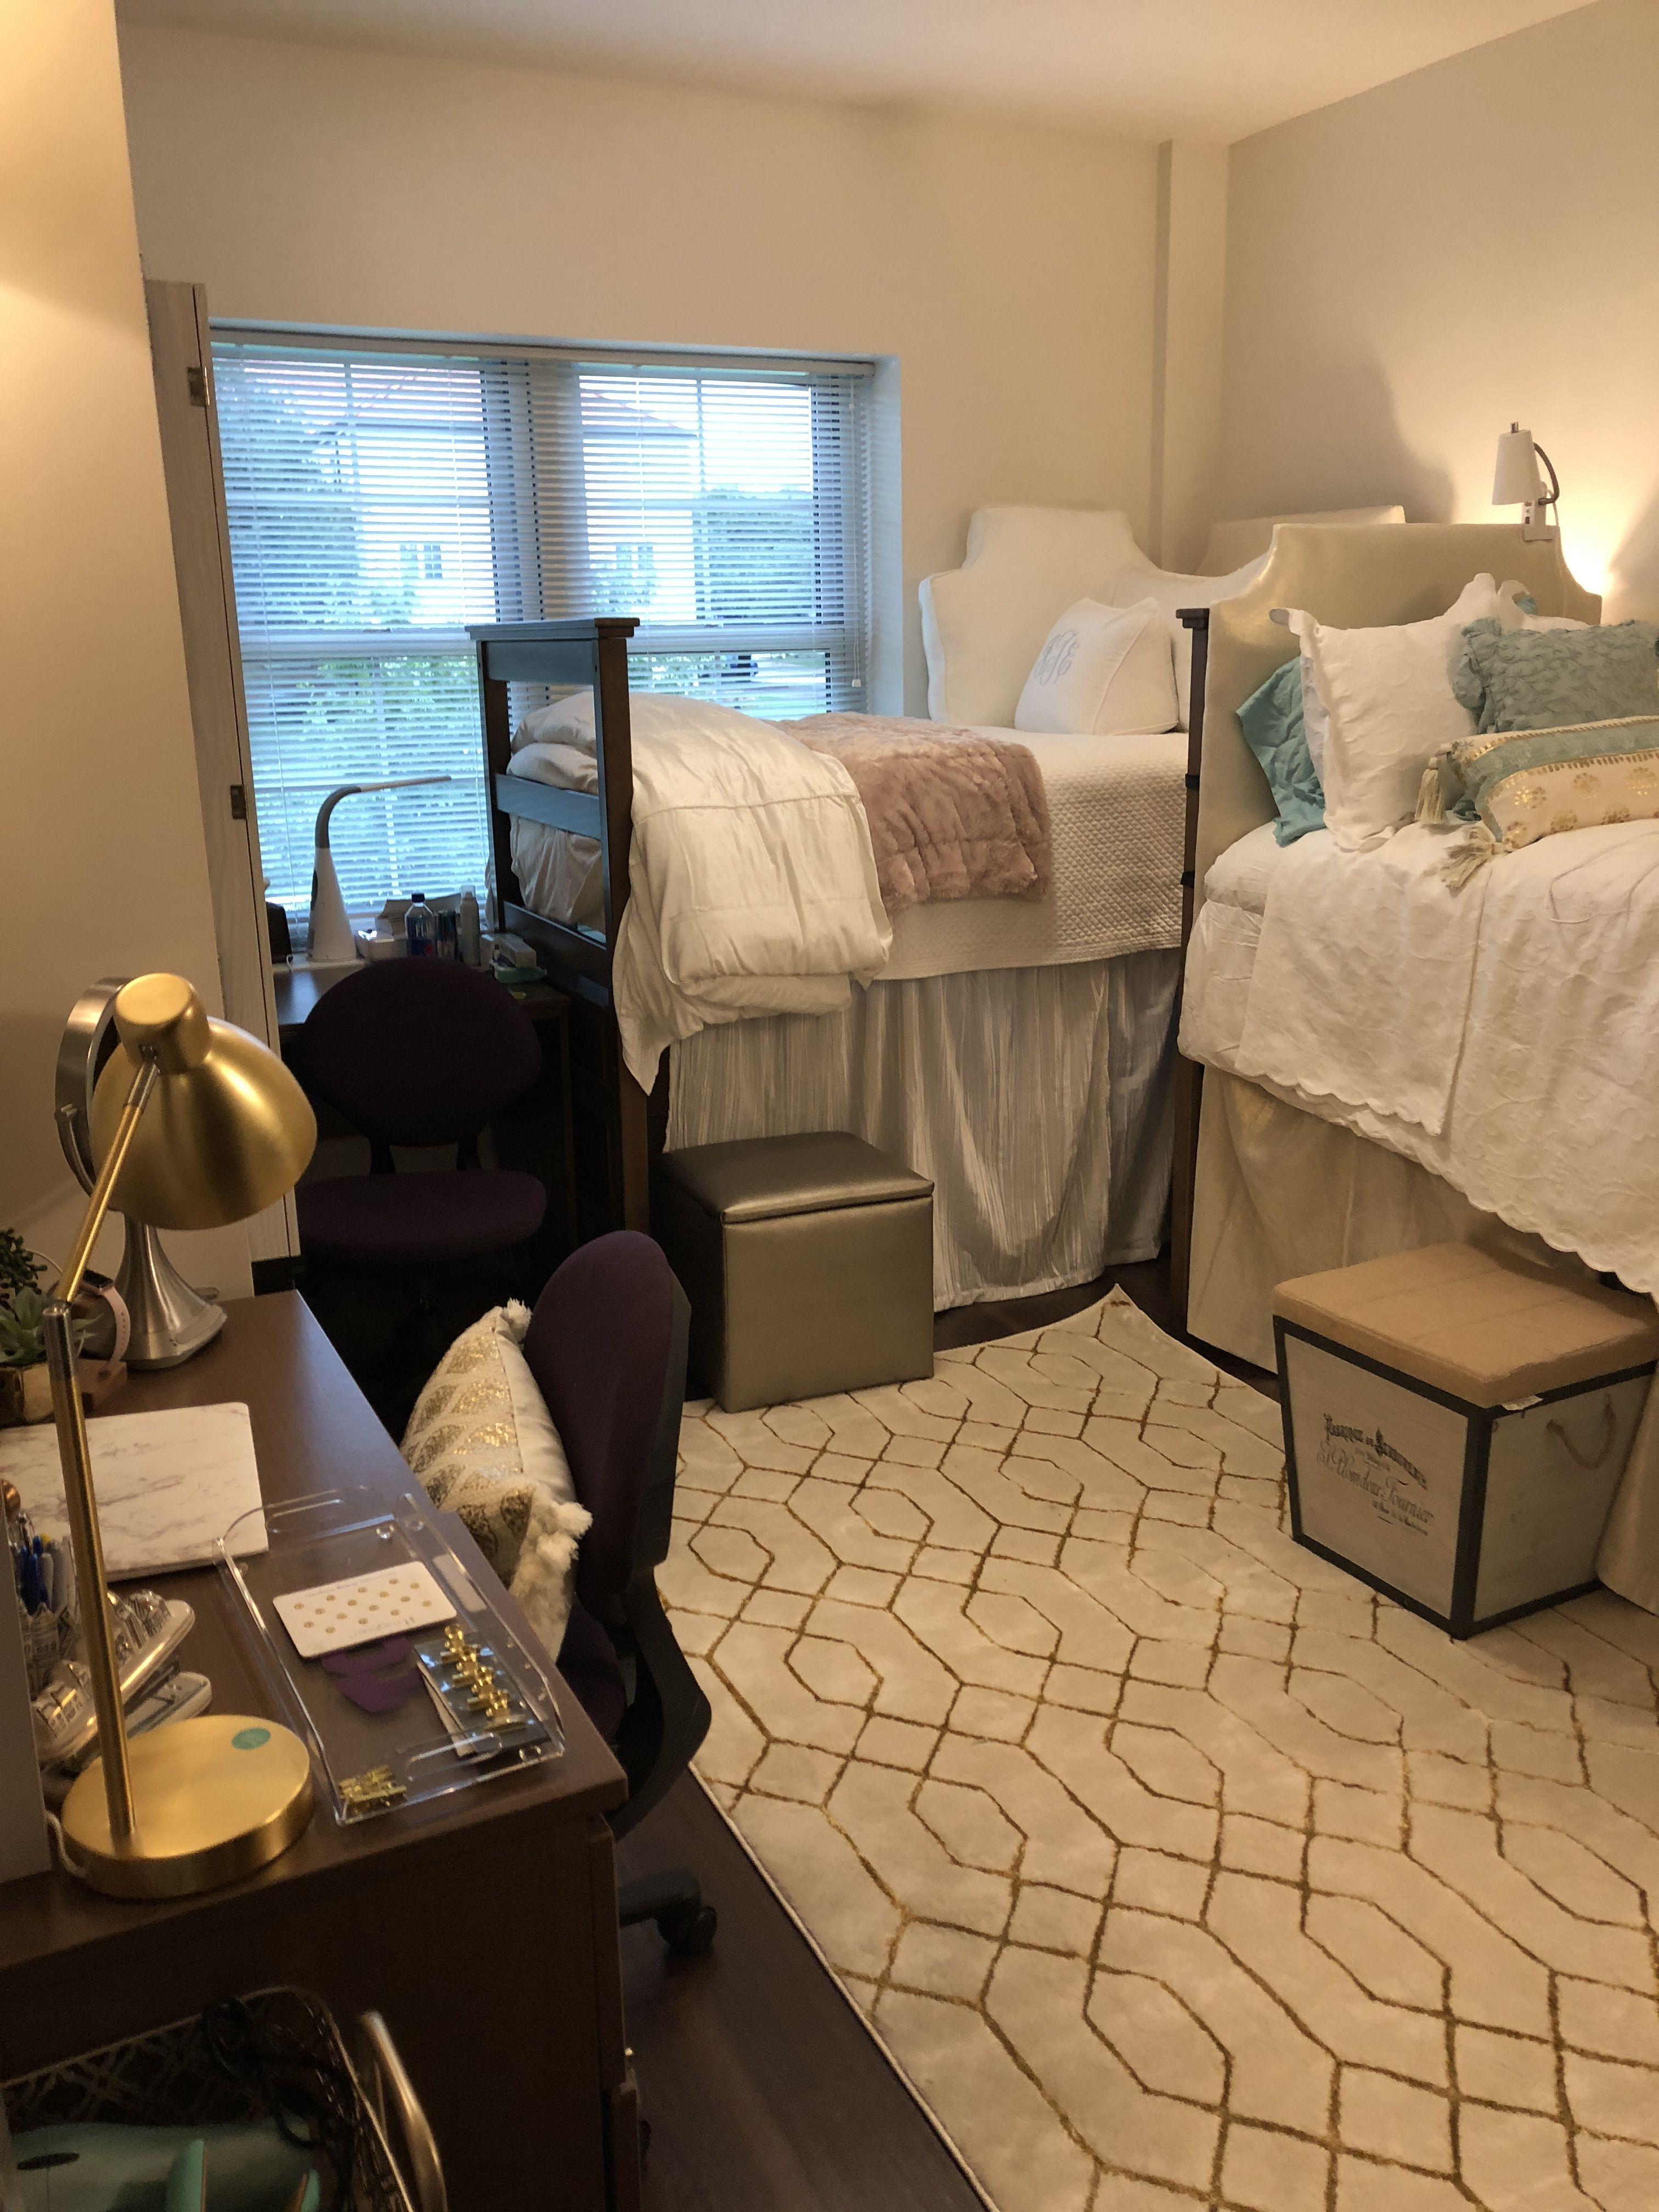 Dorm Room Ideas For Girls Freshman Year